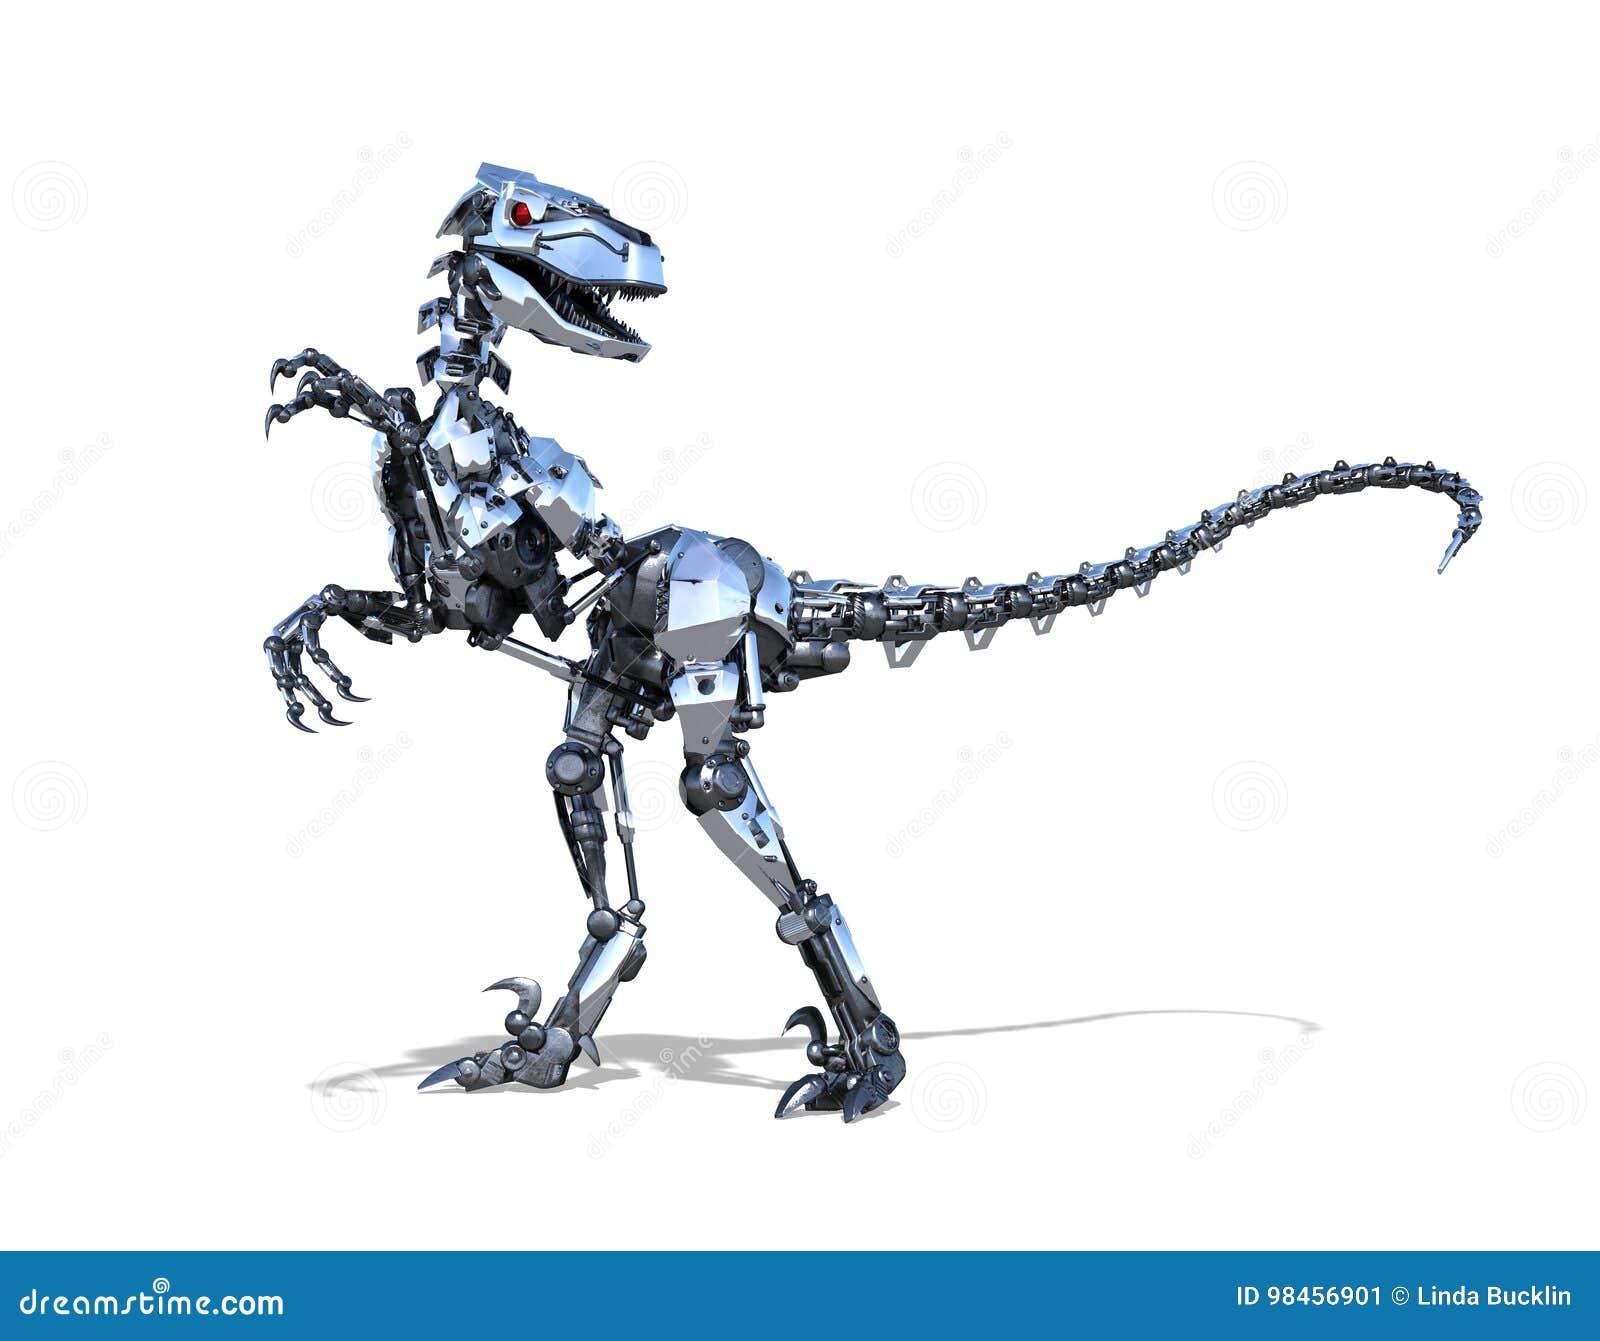 Dinosaurio Del Rapaz Del Robot Stock De Ilustracion Ilustracion De Robot Rapaz 98456901 Simon stålenhag es un ilustrador sueco que triunfa en internet con extrañas visiones futuristas en las que conviven en curiosa armonía robots, tecnología y dinosaurios, todos ellos enmarcados por los. https es dreamstime com stock de ilustracion dinosaurio del rapaz del robot image98456901